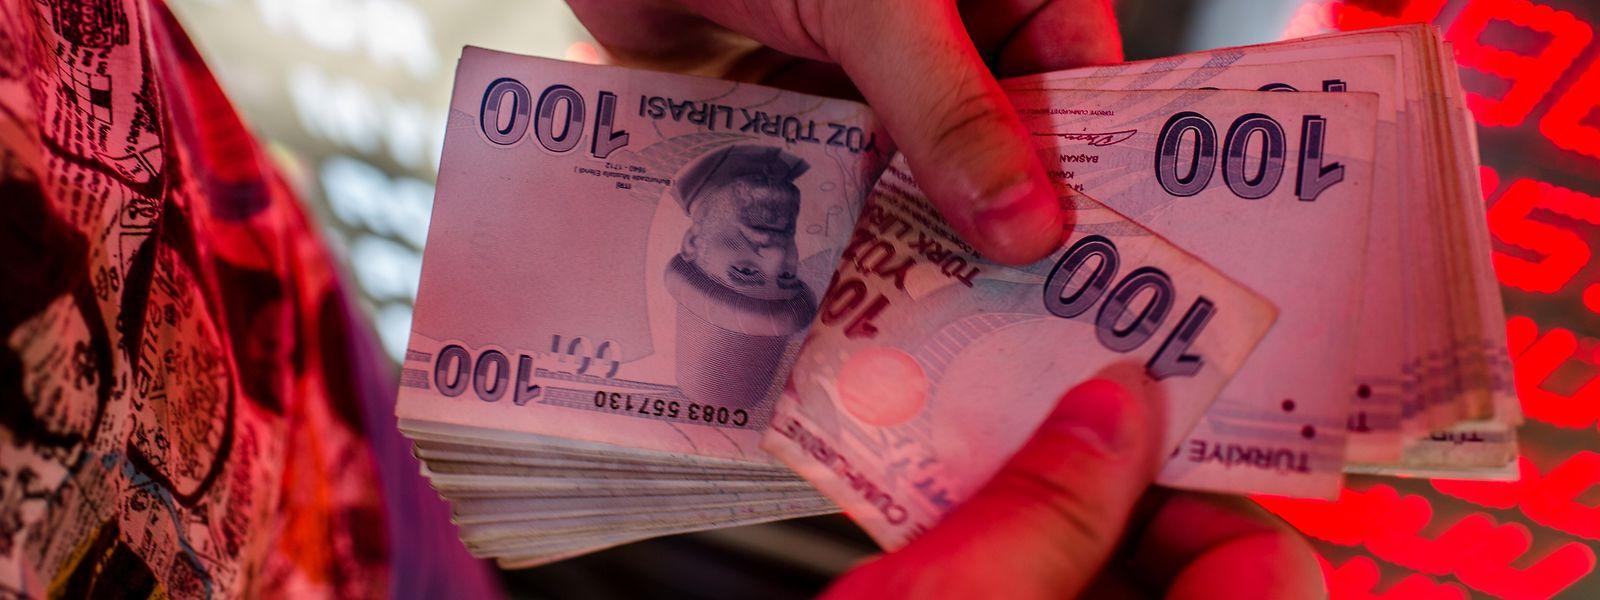 Steigende Inflationsraten, der Wertverlust der Lira und wachsende Arbeitslosigkeit verunsichern die Menschen.